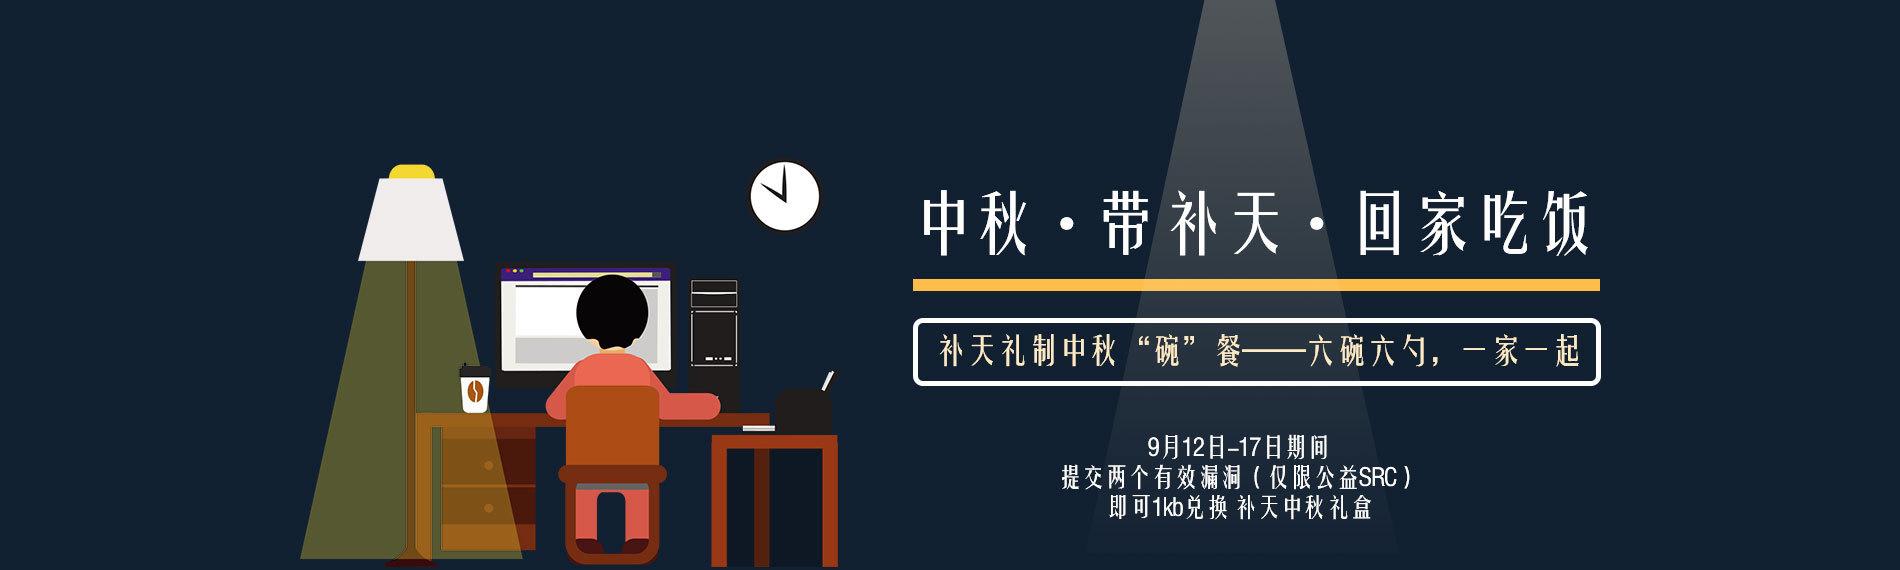 中秋banner.jpg